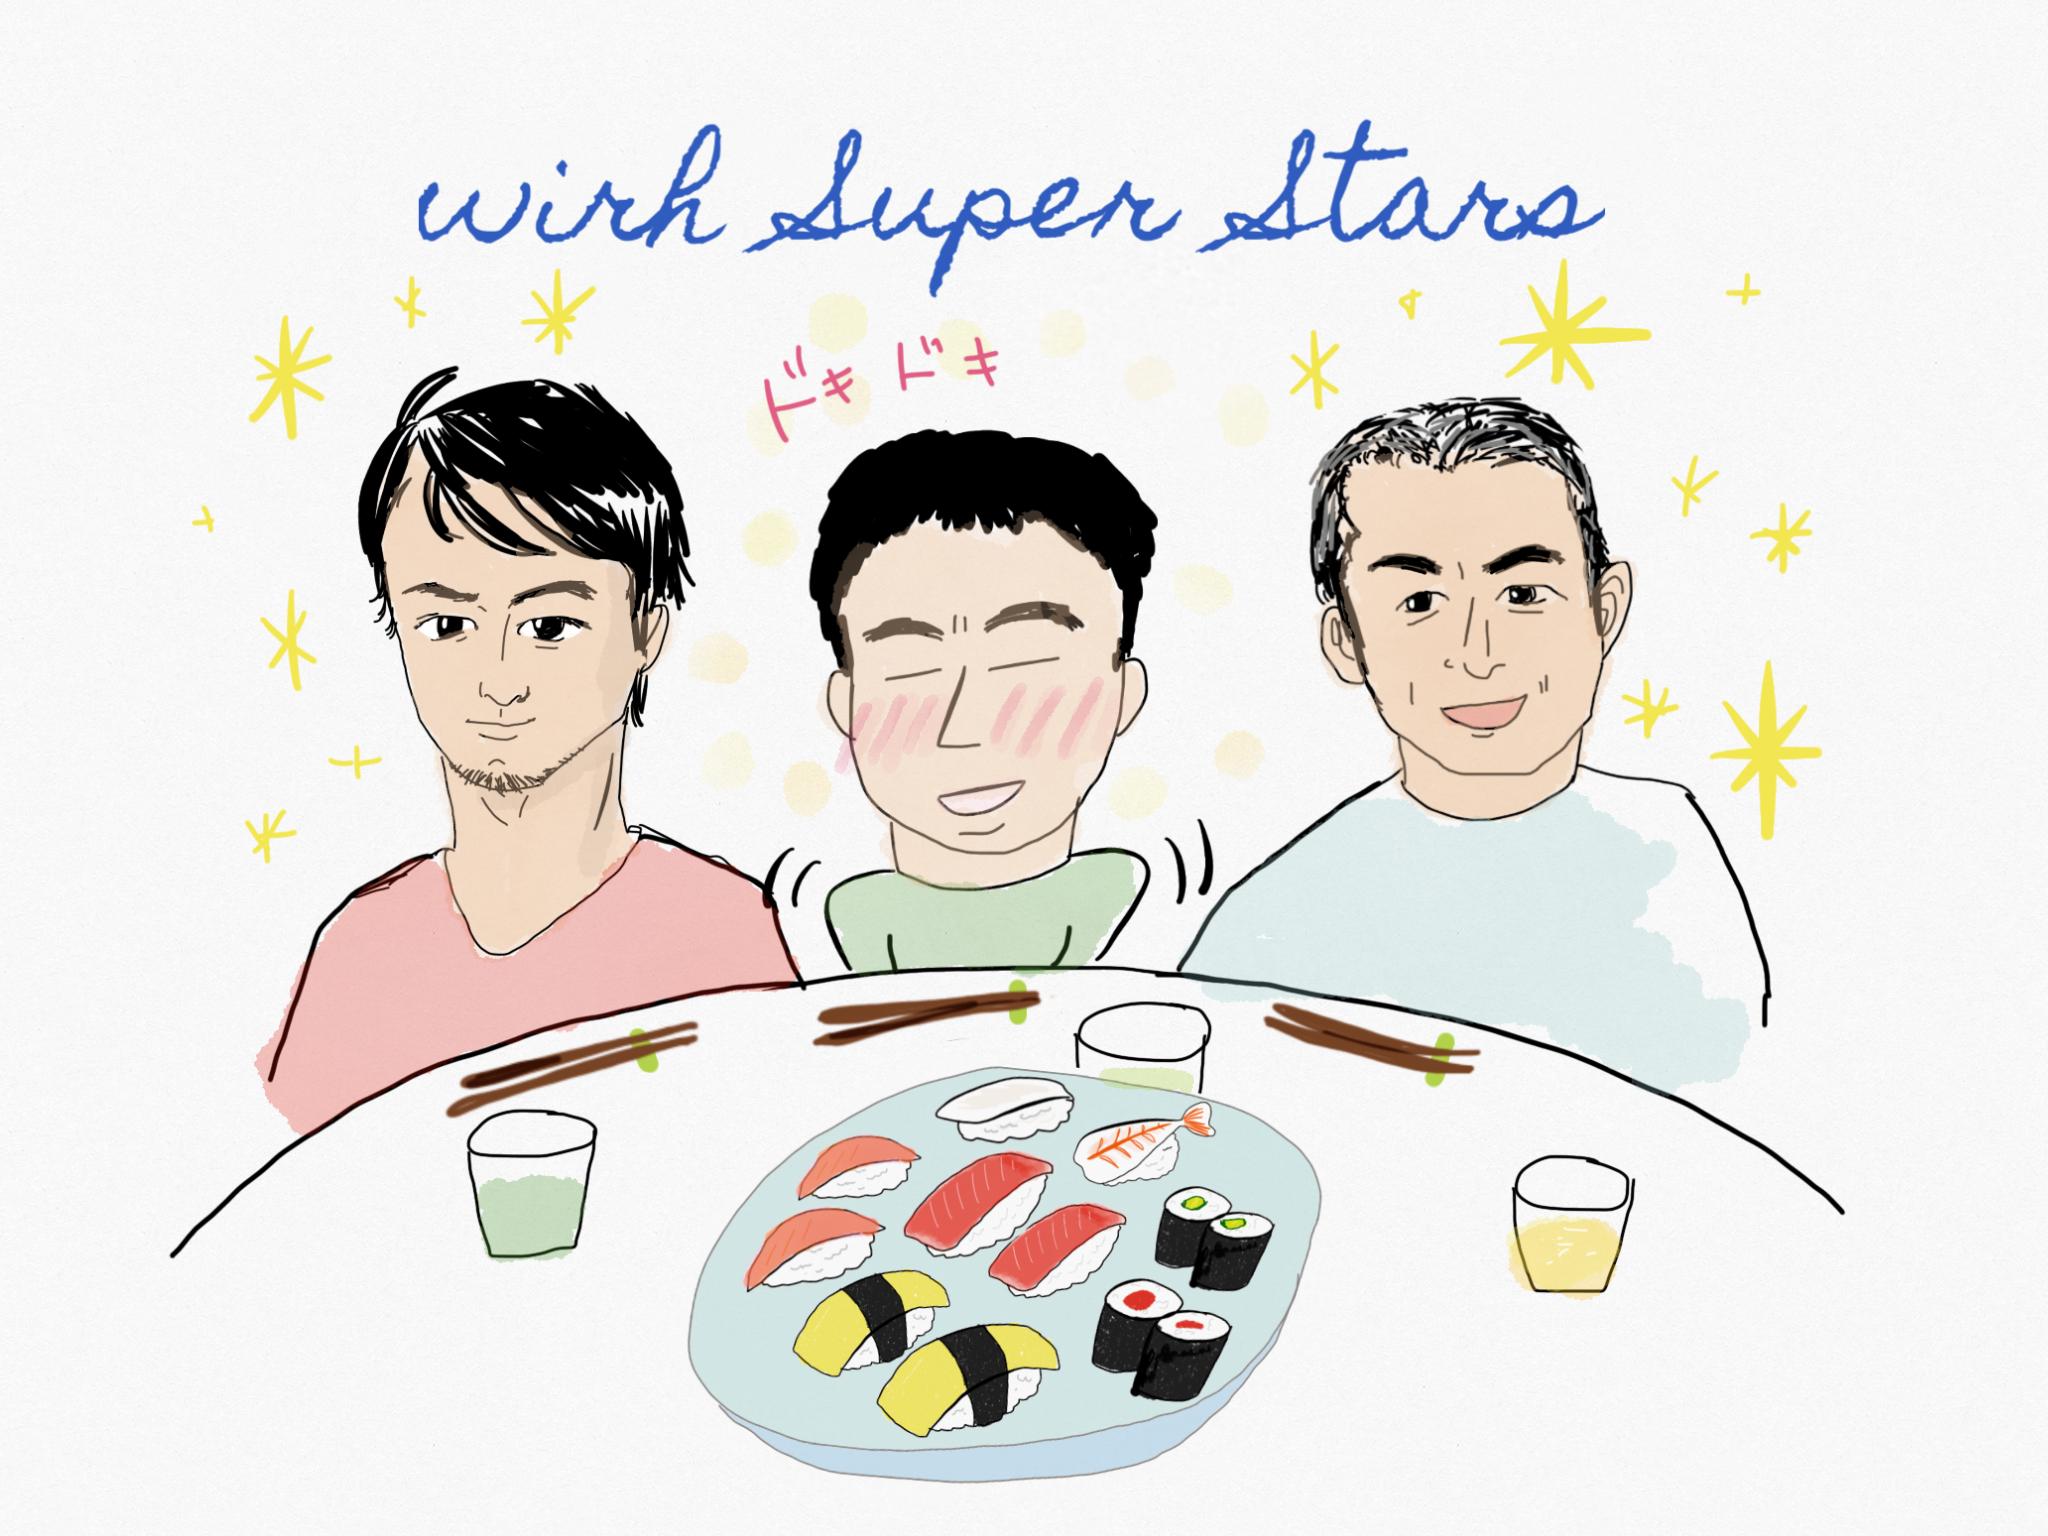 【日本食】日本人メジャーリーガーもお気に入り!Mr.Sushi【ダラス】